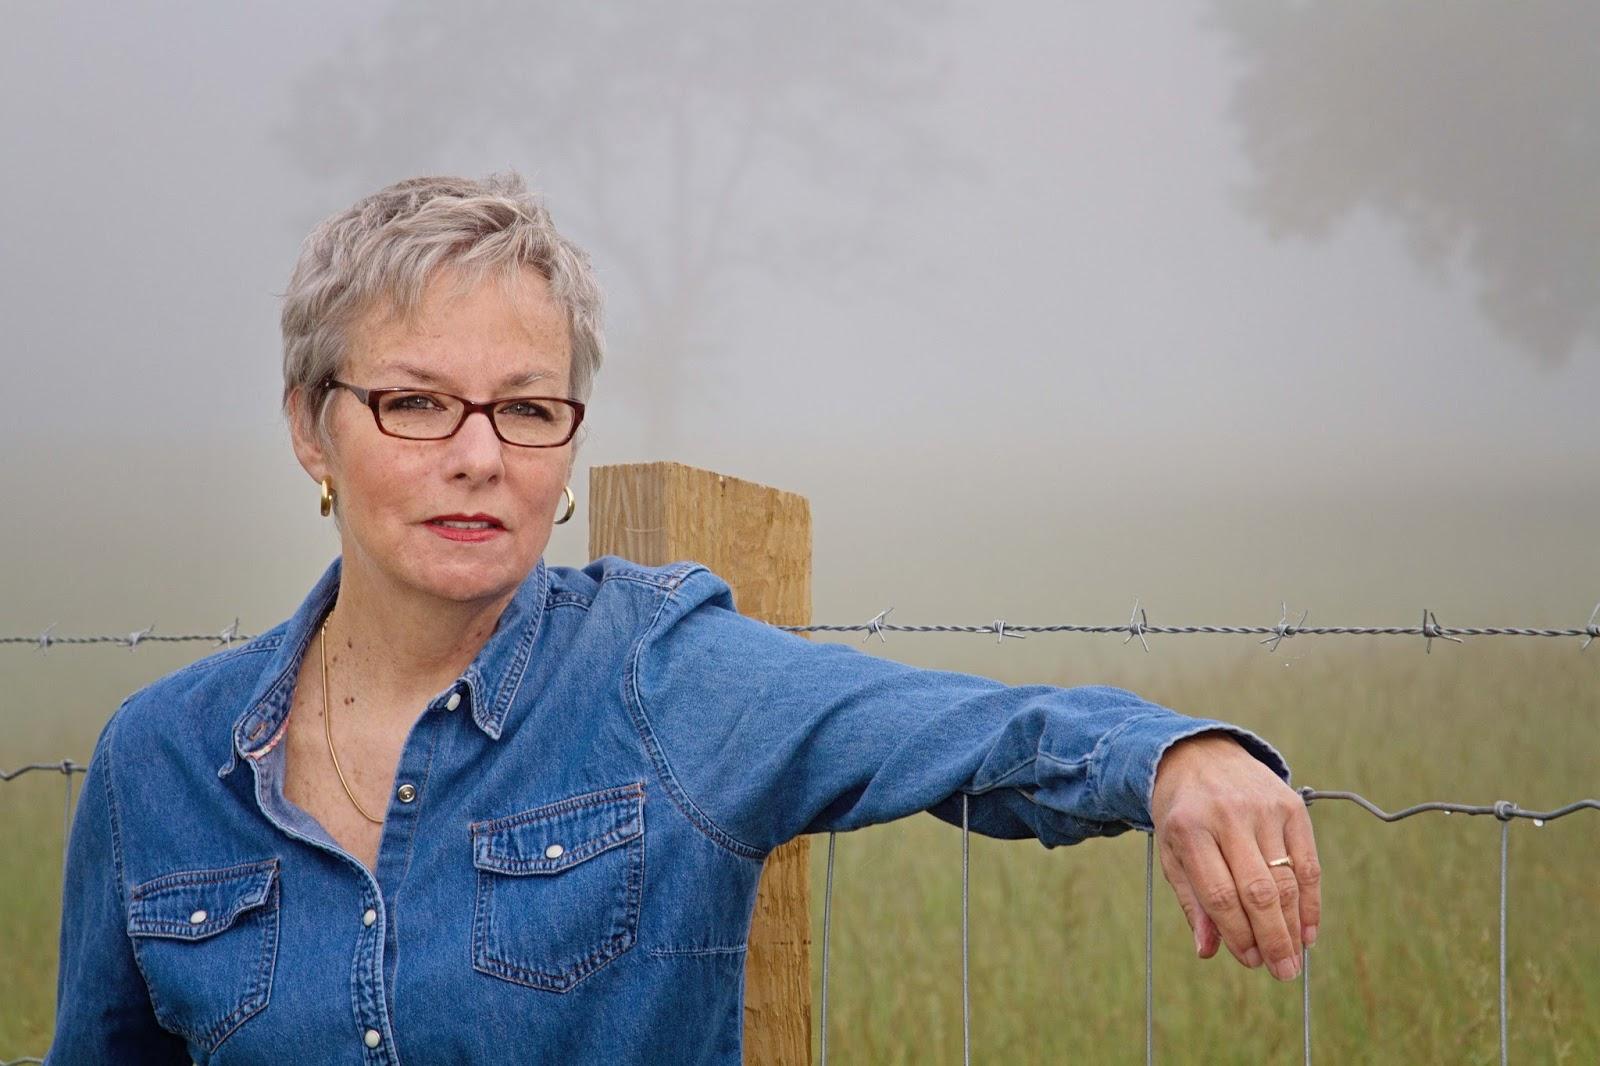 Book Q&As with Deborah Kalb: Q&A with Bren McClain